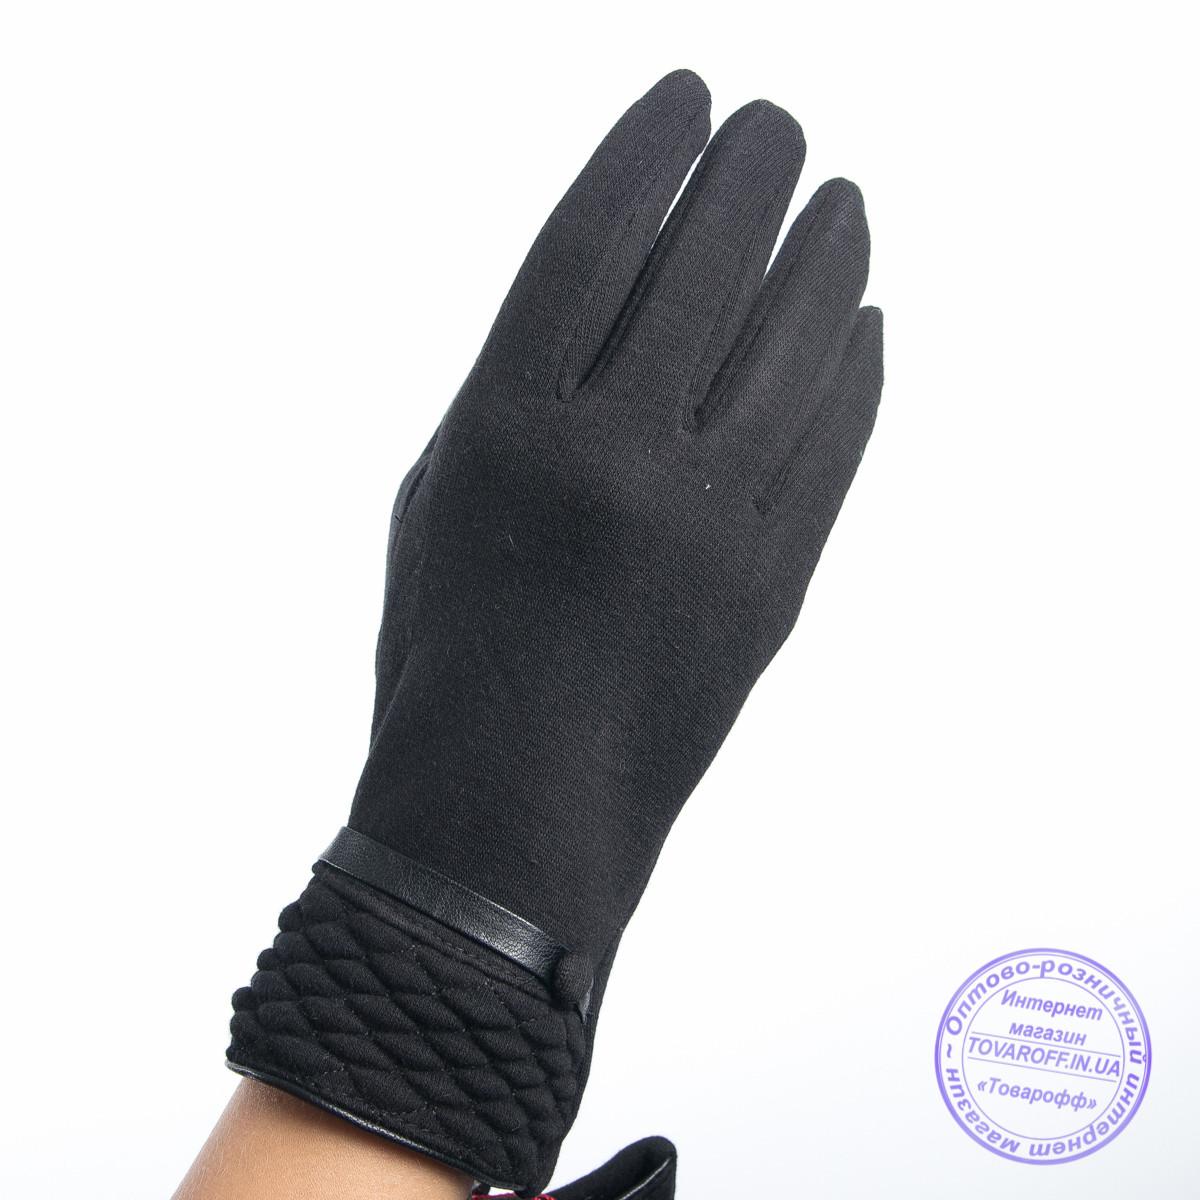 Оптом женские трикотажные перчатки с плюшевым утеплителем - F30-4